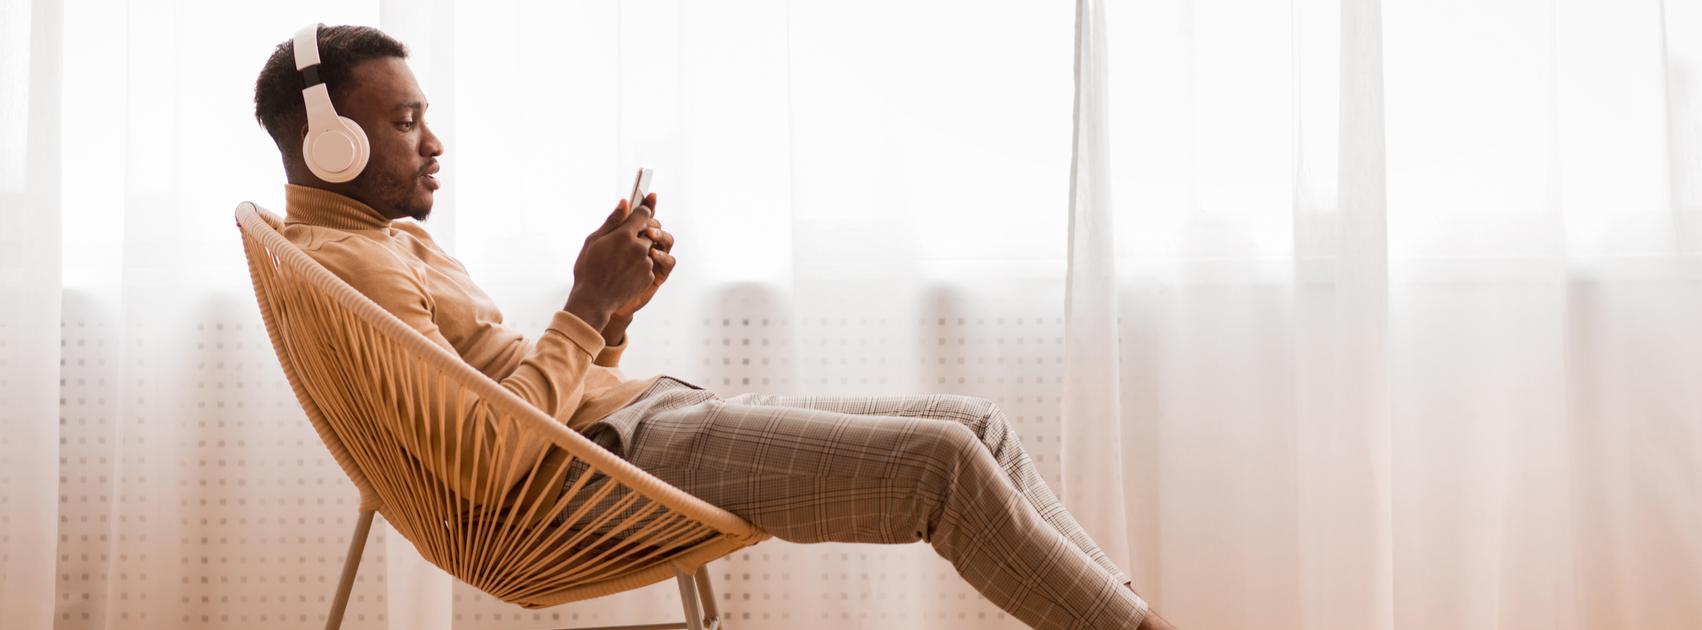 Bilde av avslappet mann i stol med hodetelefoner